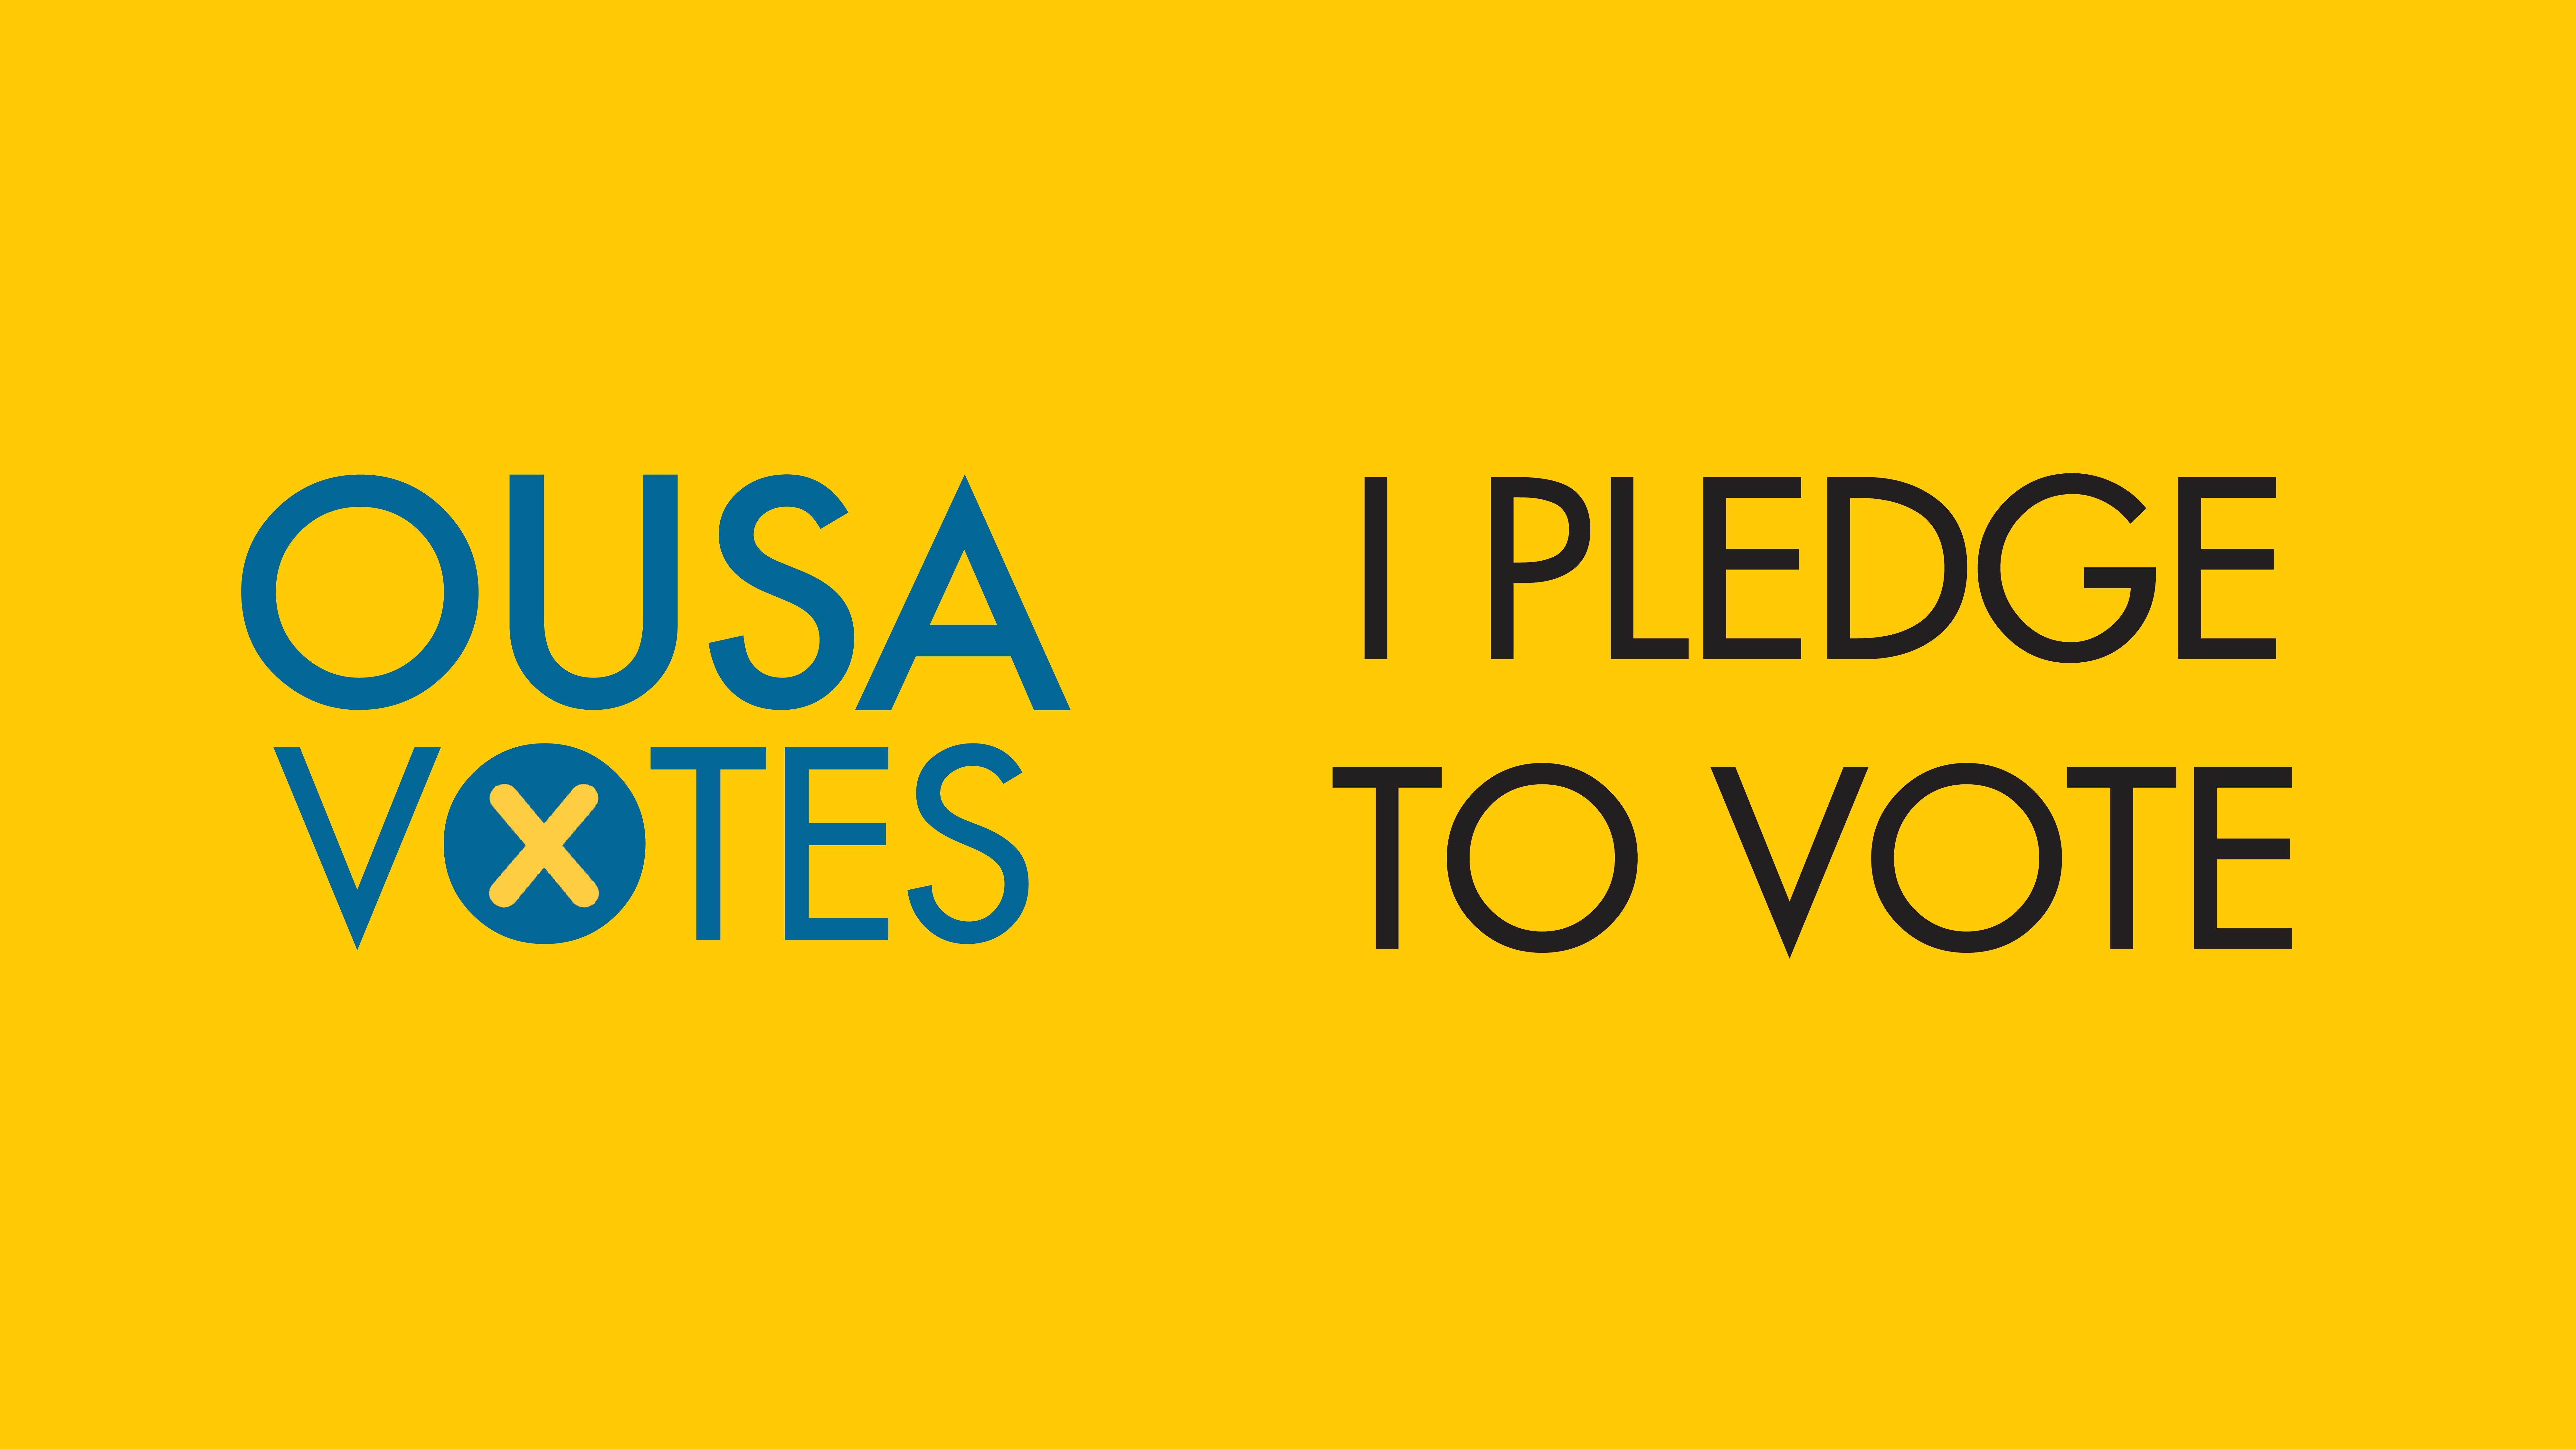 Social_media_card3_pledge.png